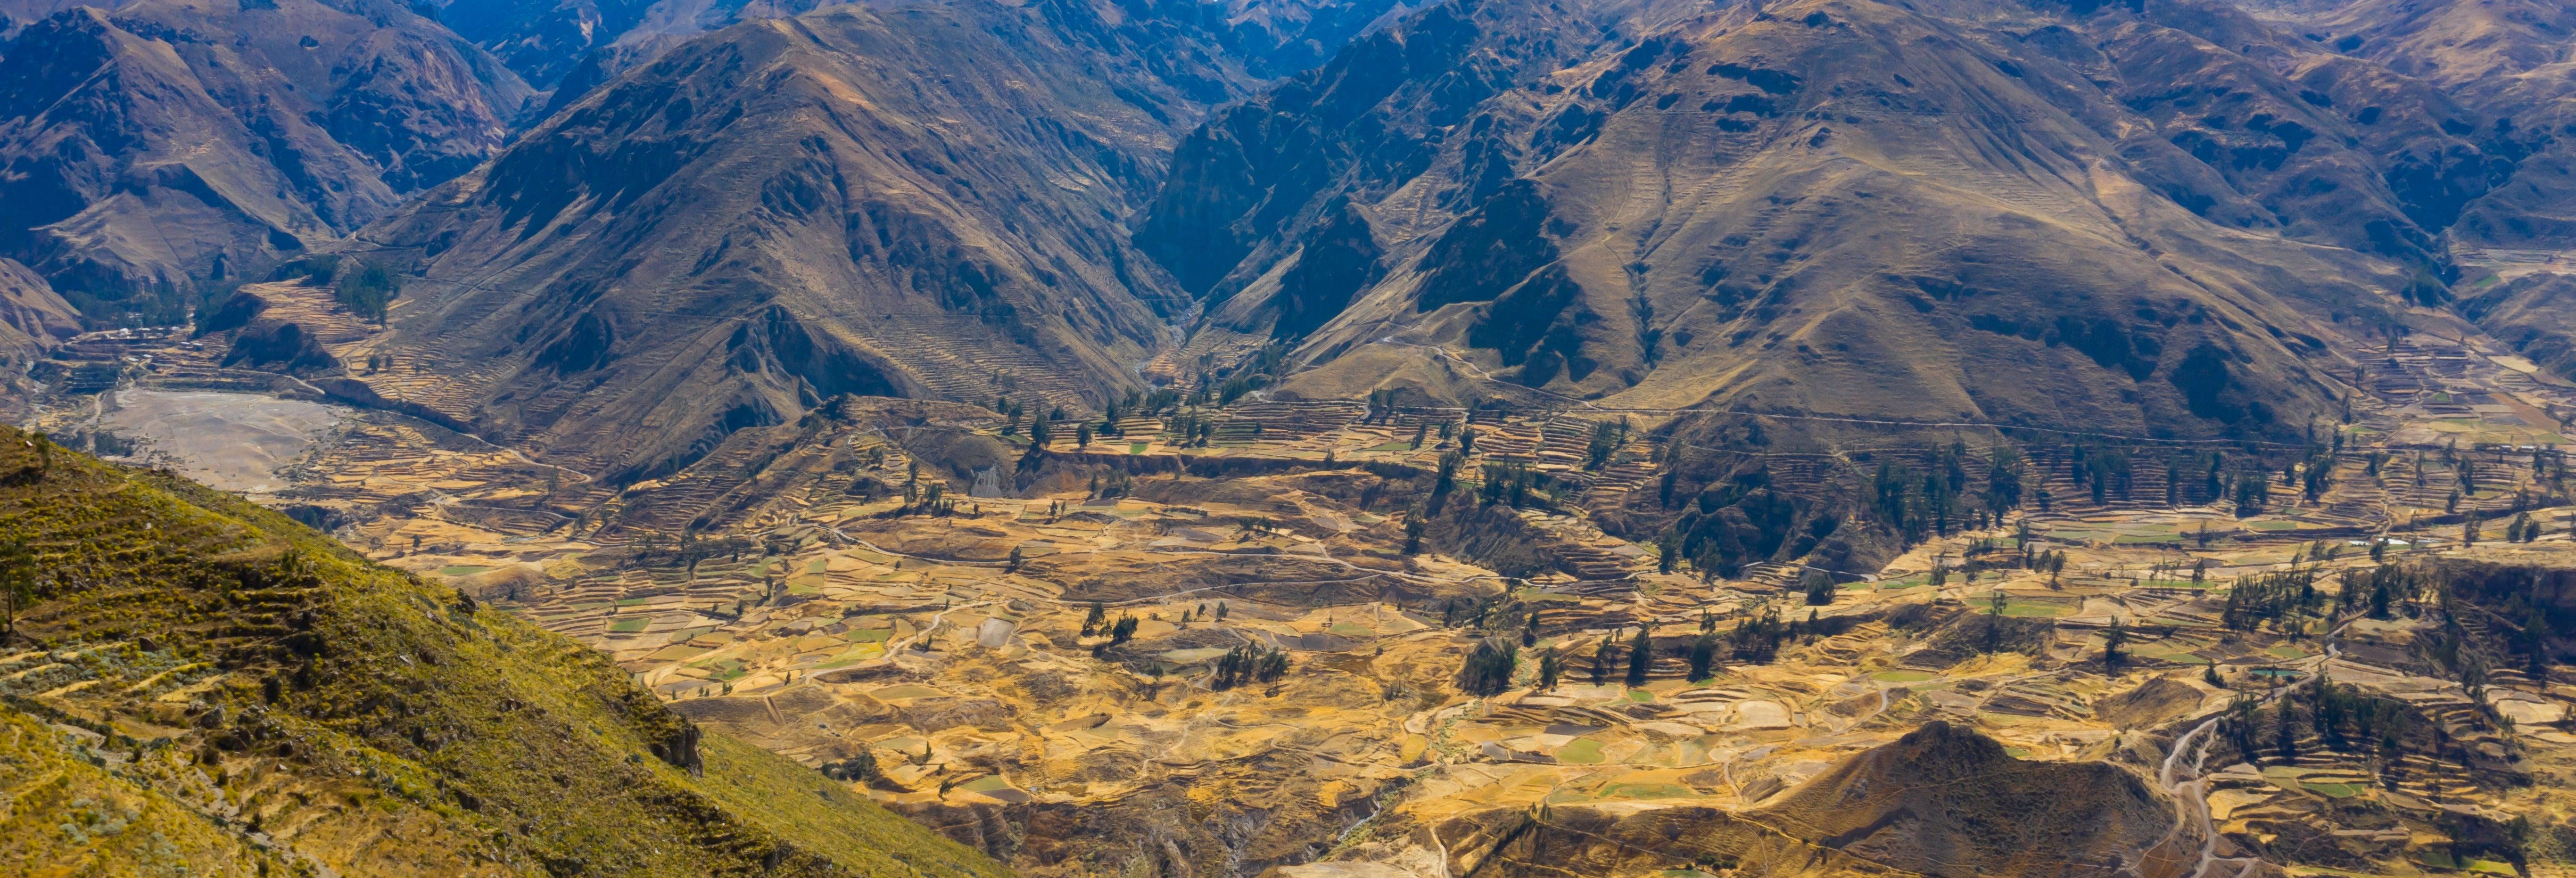 Tour de 4 dias por Arequipa e o Vale do Colca